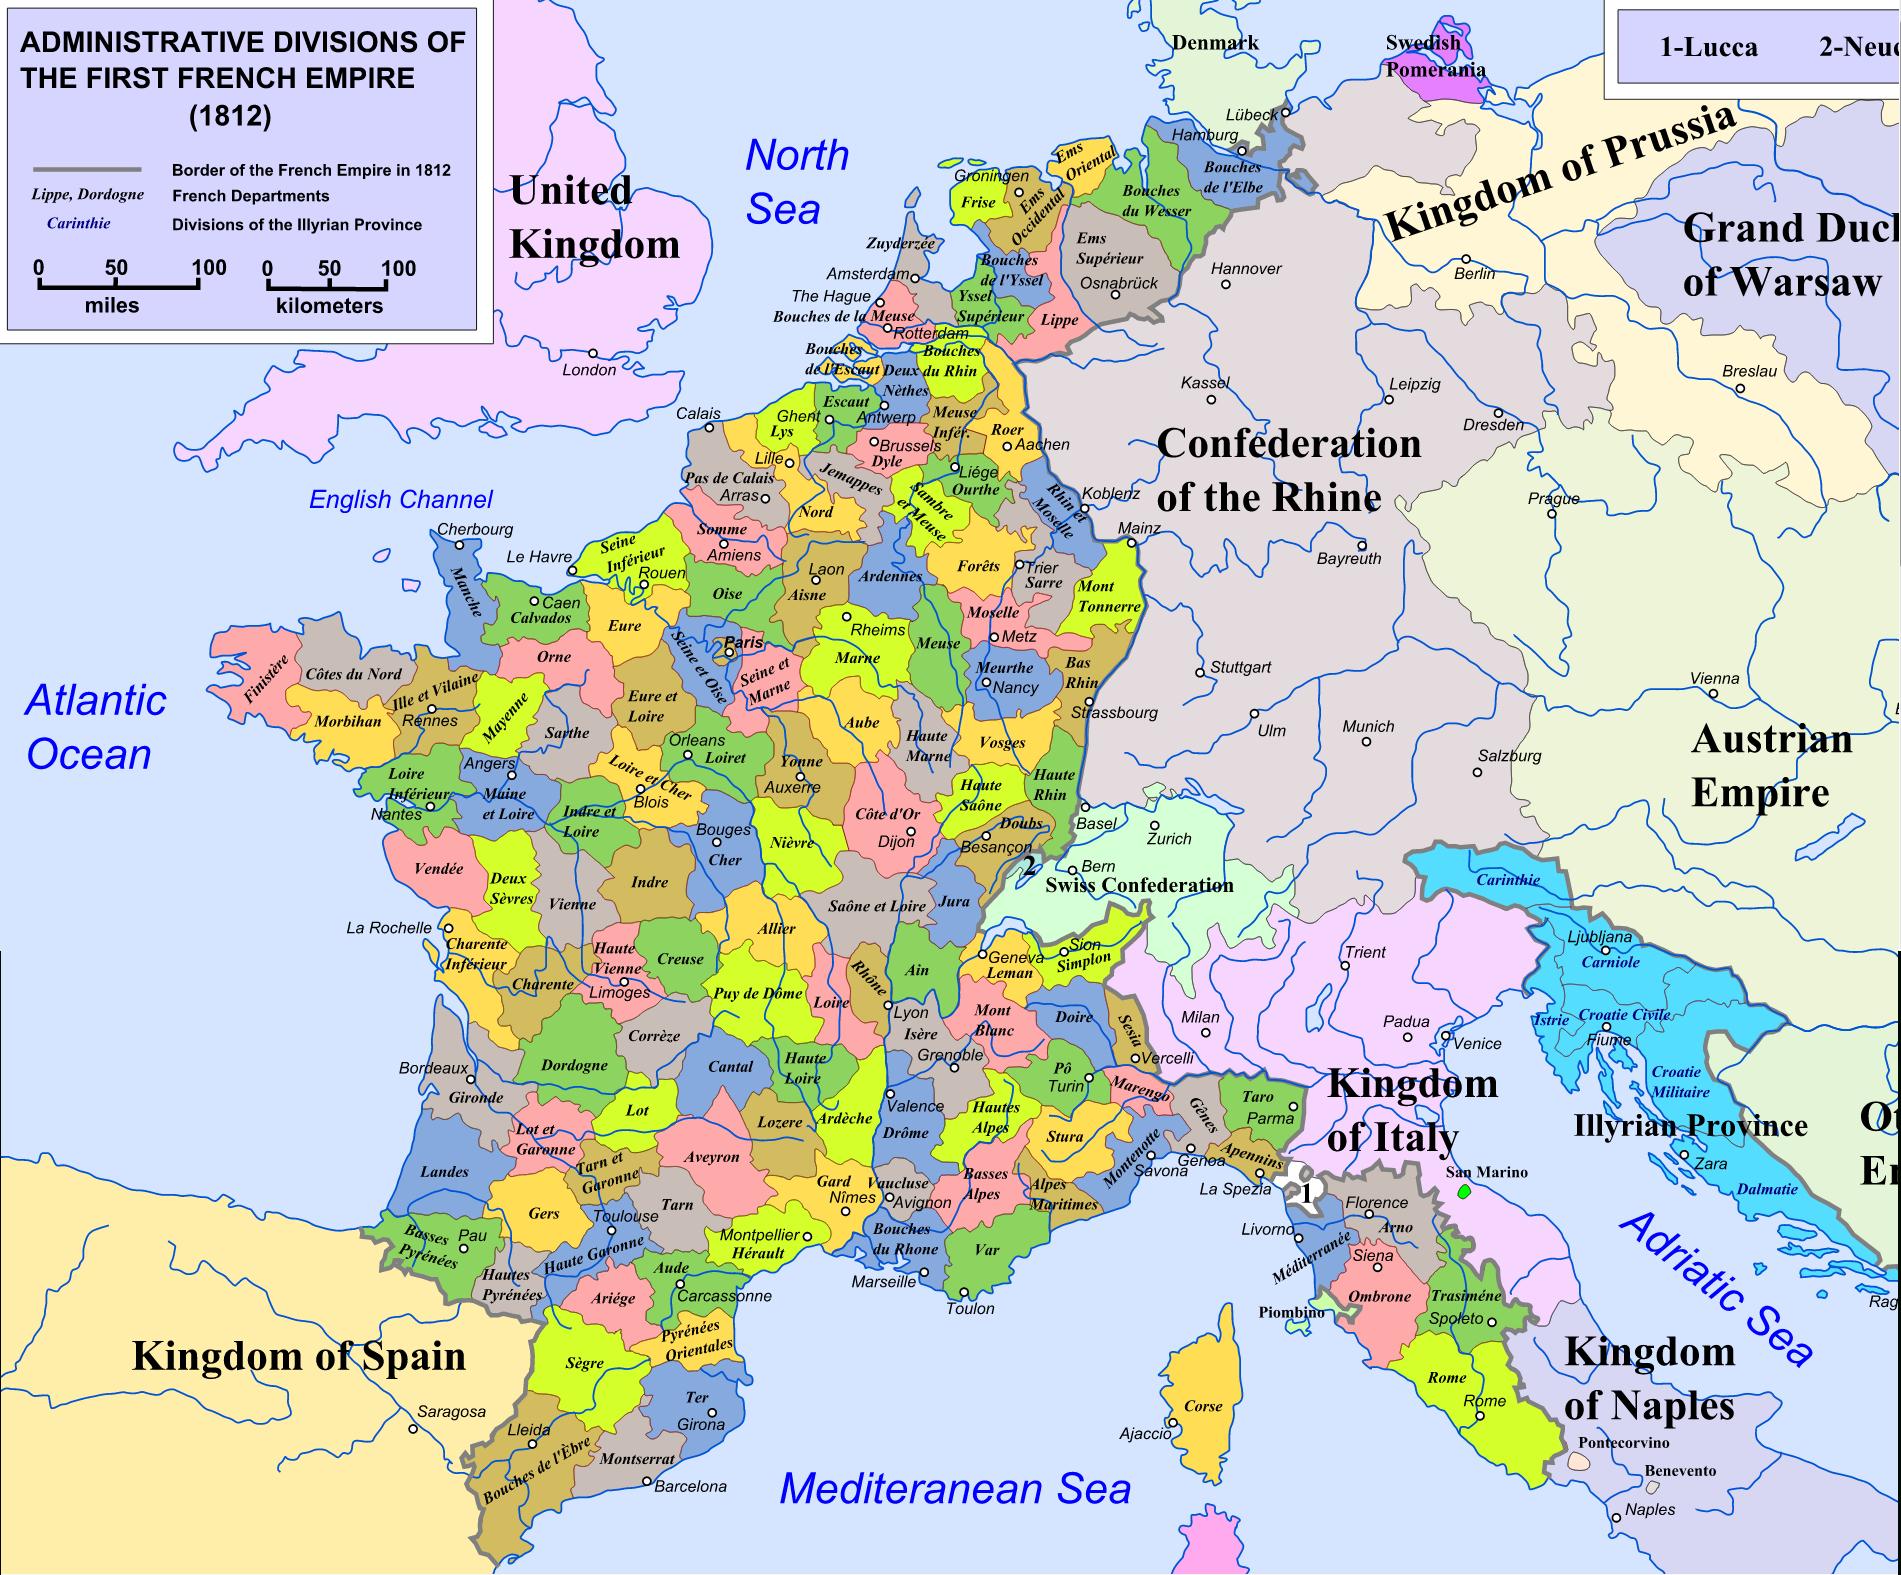 Départements Depuis 1790 tout Carte Departements Francais